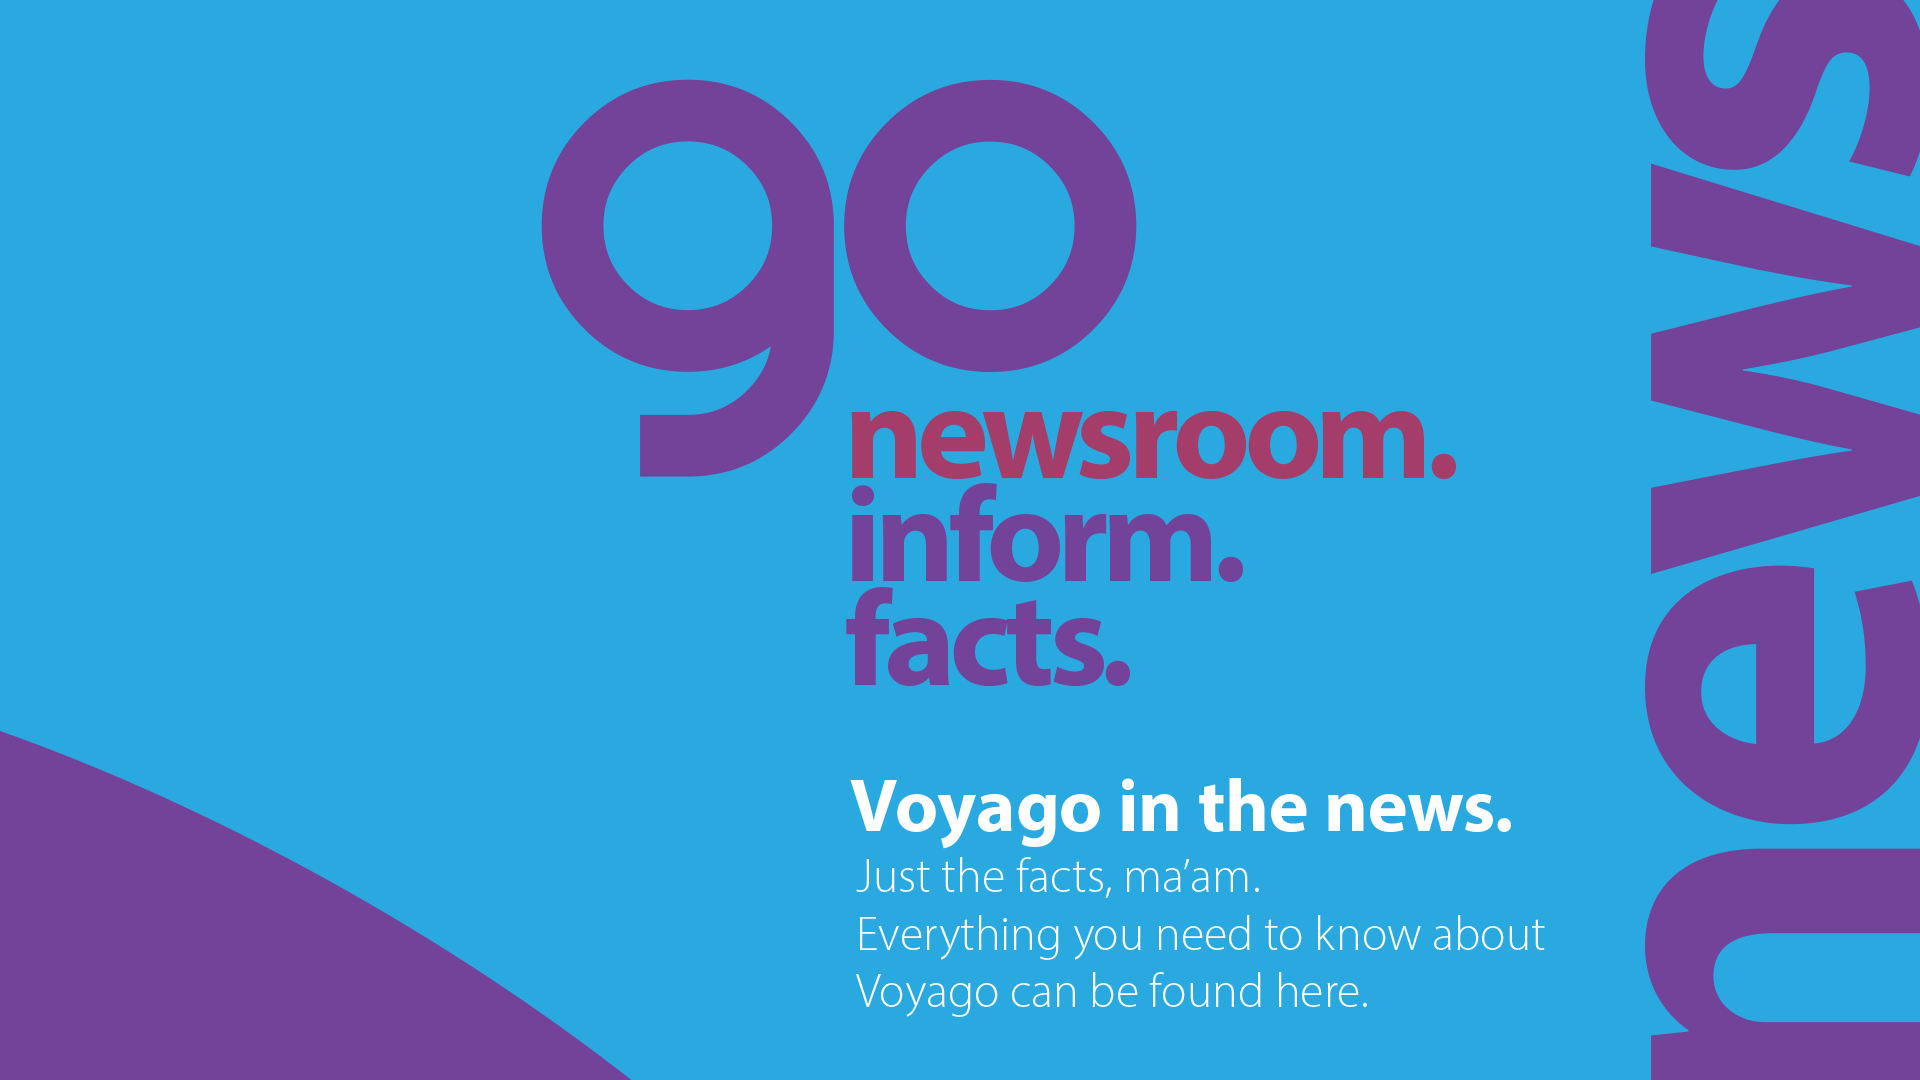 VoyagoWEB_MediaPage_Image